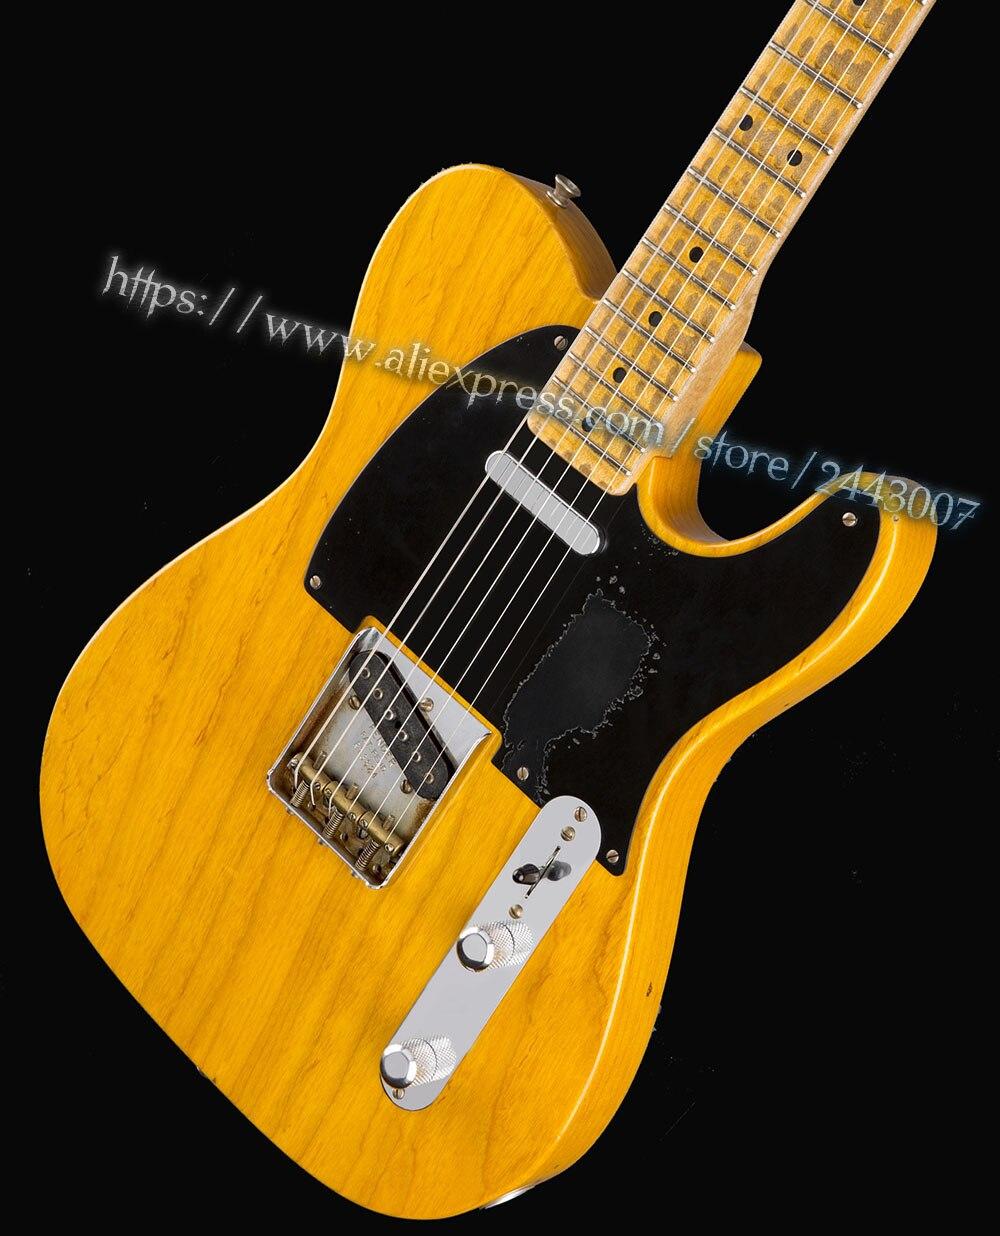 GC Custom Shop Mike Campbell Heartbreaker LTD Caramel Blonde Guitare Électrique